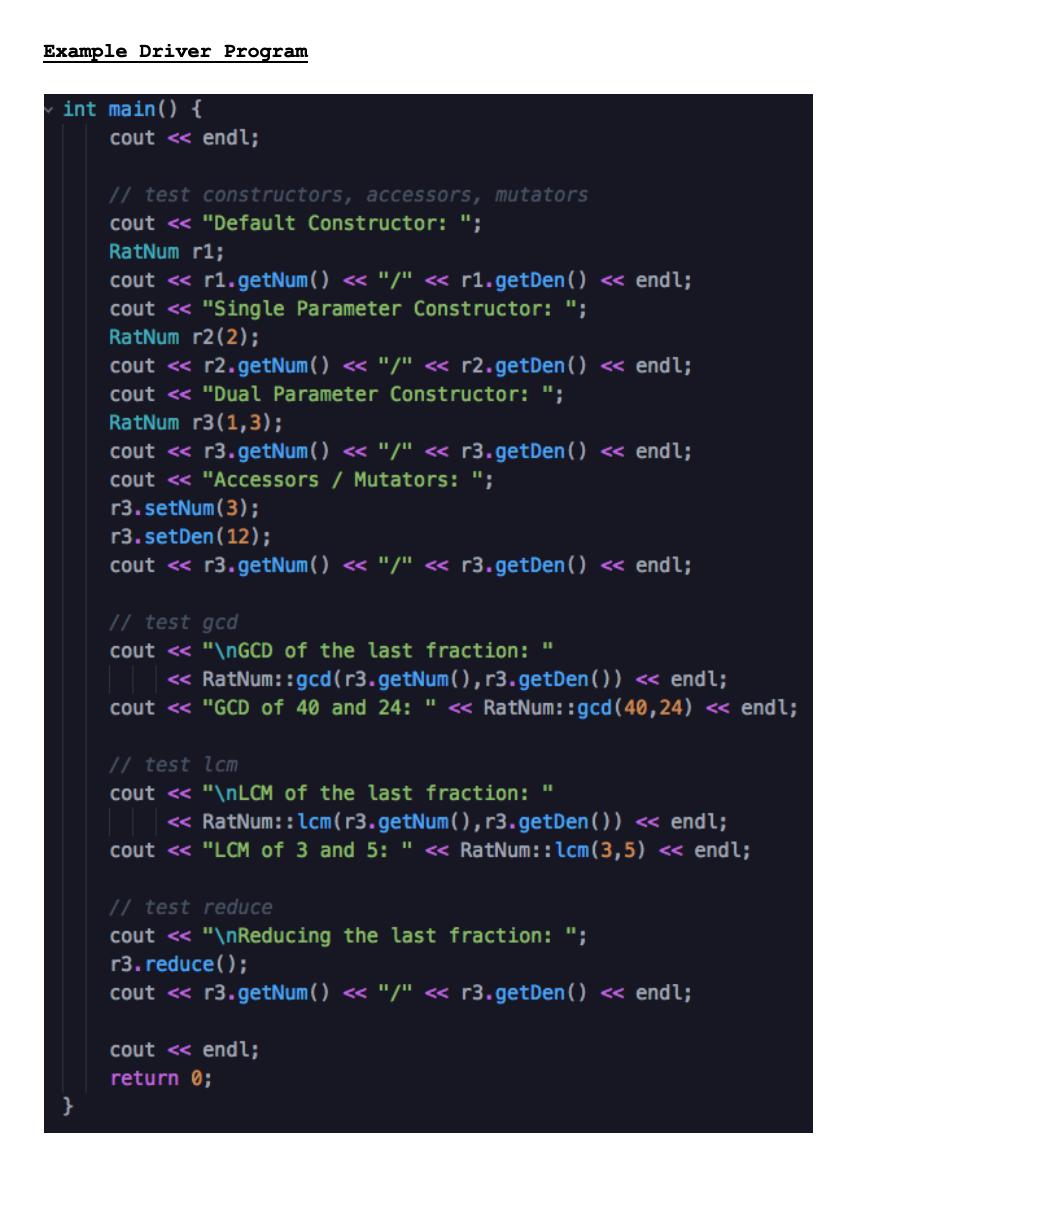 """Example Driver Program int main() { cout <« endl; // test constructors, accessors, mutators cout <« """"Default Constructor: """"; RatNum r1; cout « r1.getNum() <« """"/"""" « r1.getDen() « endl; cout <« """"Single Parameter Constructor: """"; RatNum r2(2); cout « r2.getNum( ) << """"/"""" « r2.getDen() « endl; cout <« """"Dual Parameter Constructor: """"; RatNum r3(1,3); cout <« r3.getNum() <« """"/"""" « r3.getDen() « endl; cout <« """"Accessors / Mutators: """"; r3.setNum(3); r3.setDen(12); cout « r3.getNum( ) << """"/"""" « r3.getDen() « endl; // test gcd cout <« """"\NGCD of the last fraction: """" « RatNum::gcd(r3.getNum(),r3.getDen()) <« endl; cout <« """"GCD of 40 and 24: """" « RatNum::gcd(40,24) « endl; // test lcm cout << """"\NLCM of the last fraction: """" « RatNum::lcm(r3.getNum(), r3.getDen()) « endl; cout <« """"LCM of 3 and 5: """" <« RatNum::lcm(3,5) <« endl; // test reduce cout << """"\nReducing the last fraction: """"; r3. reduce(); cout « r3.getNum( ) <« """"/"""" « r3.getDen() « endl; cout « endl; return 0;"""